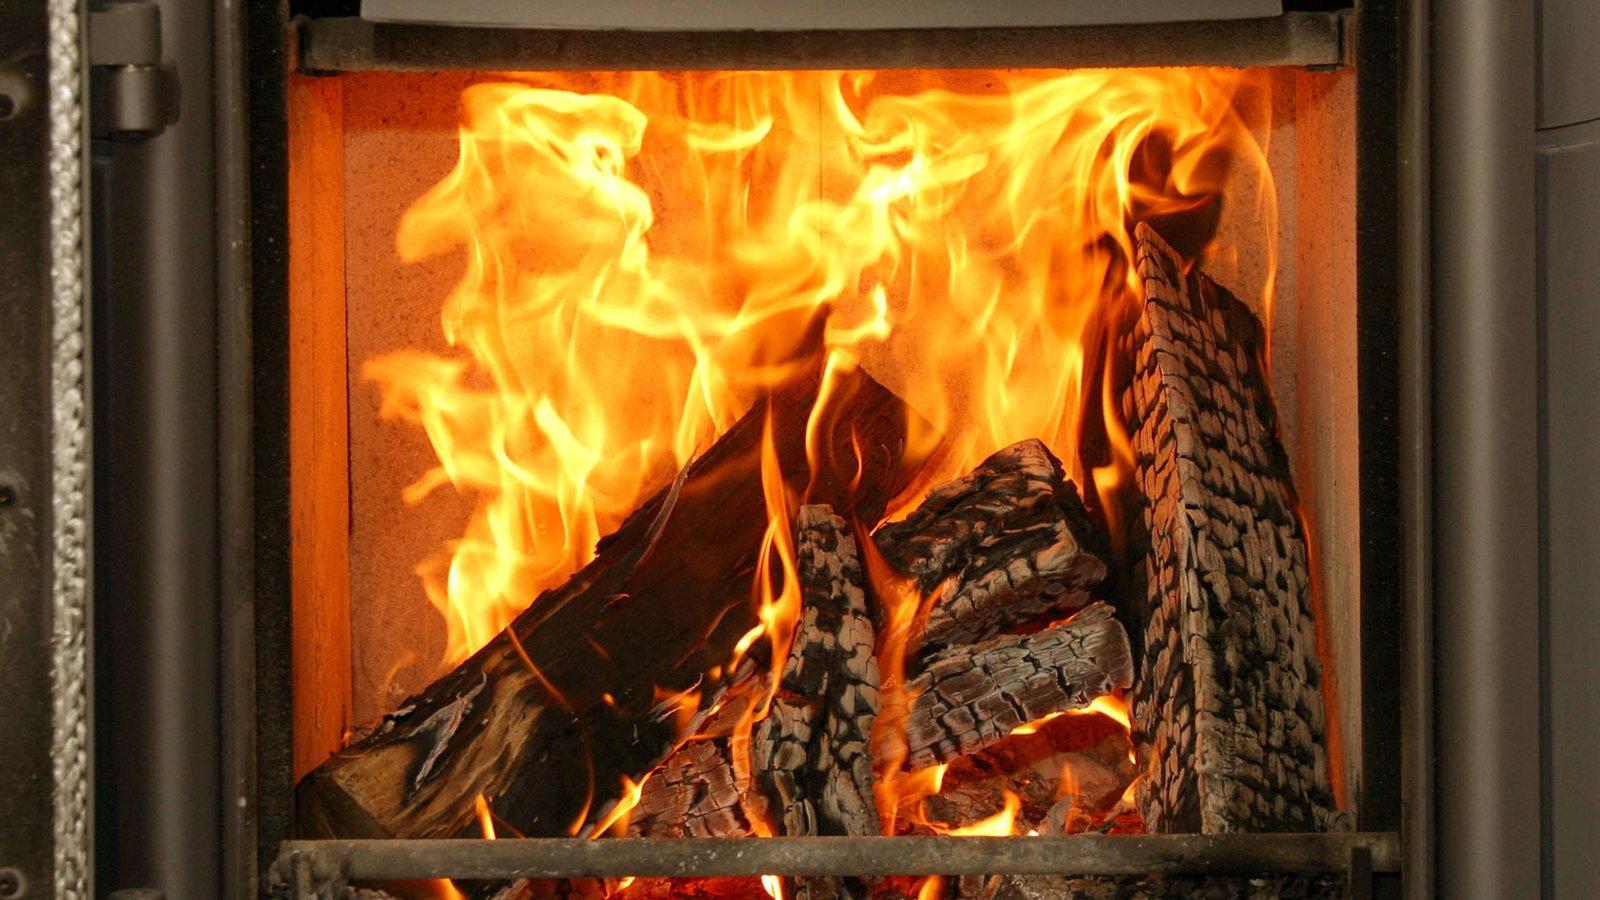 Bekannt Kamin-Alternativen: Feuer ohne Schornstein - Wohnen - Verbraucher OJ37